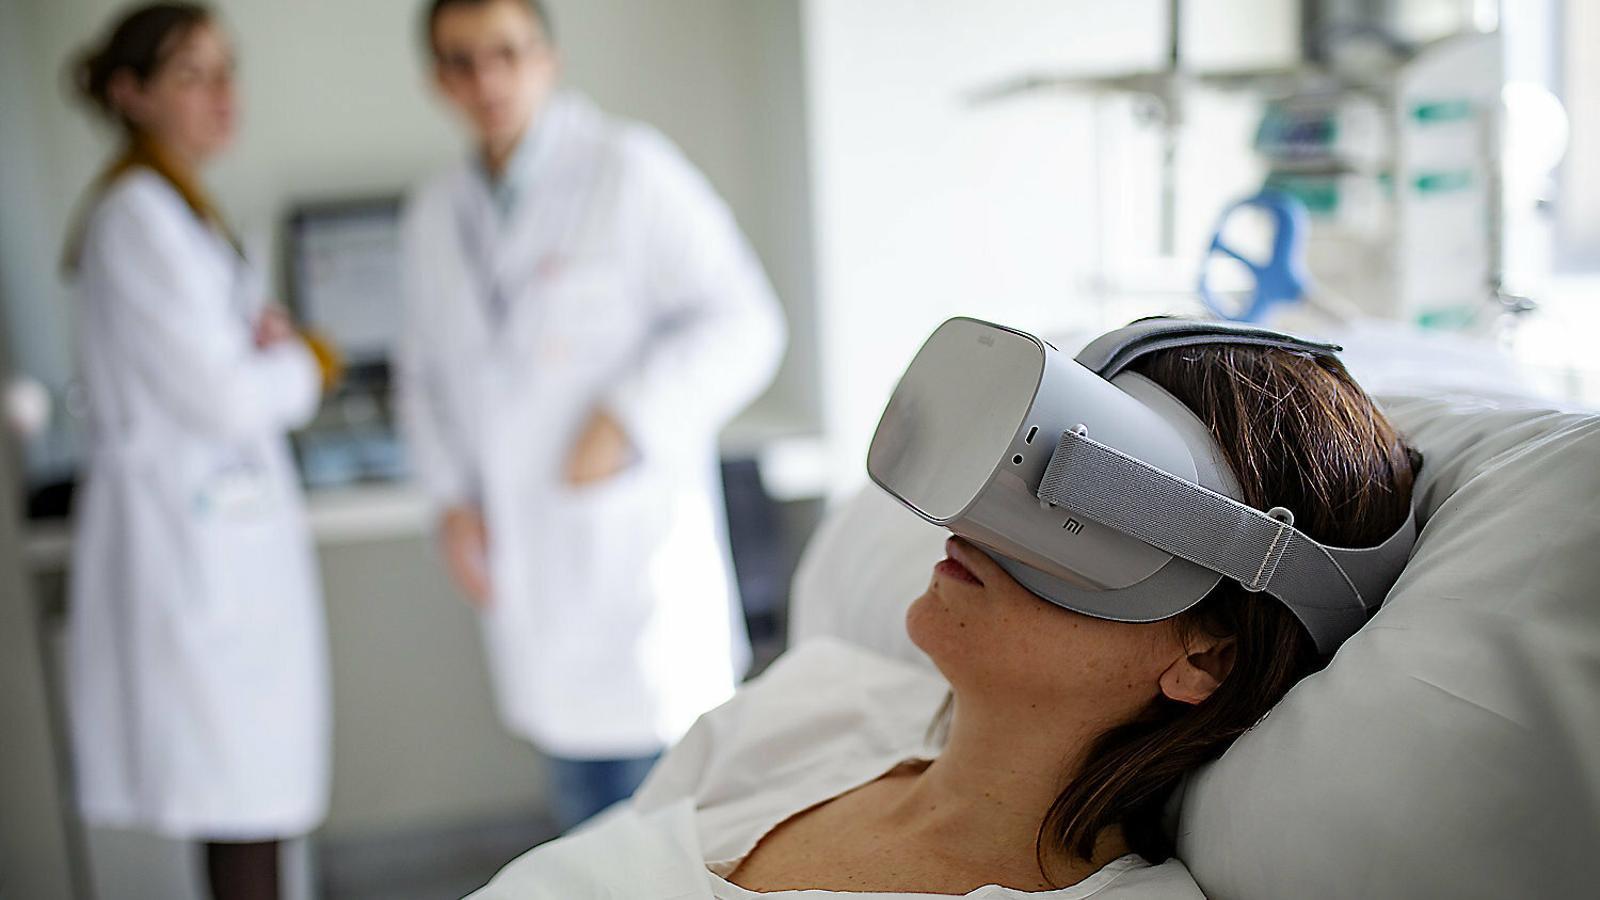 Les ulleres de realitat virtual  Que fan perdre la por als hospitals